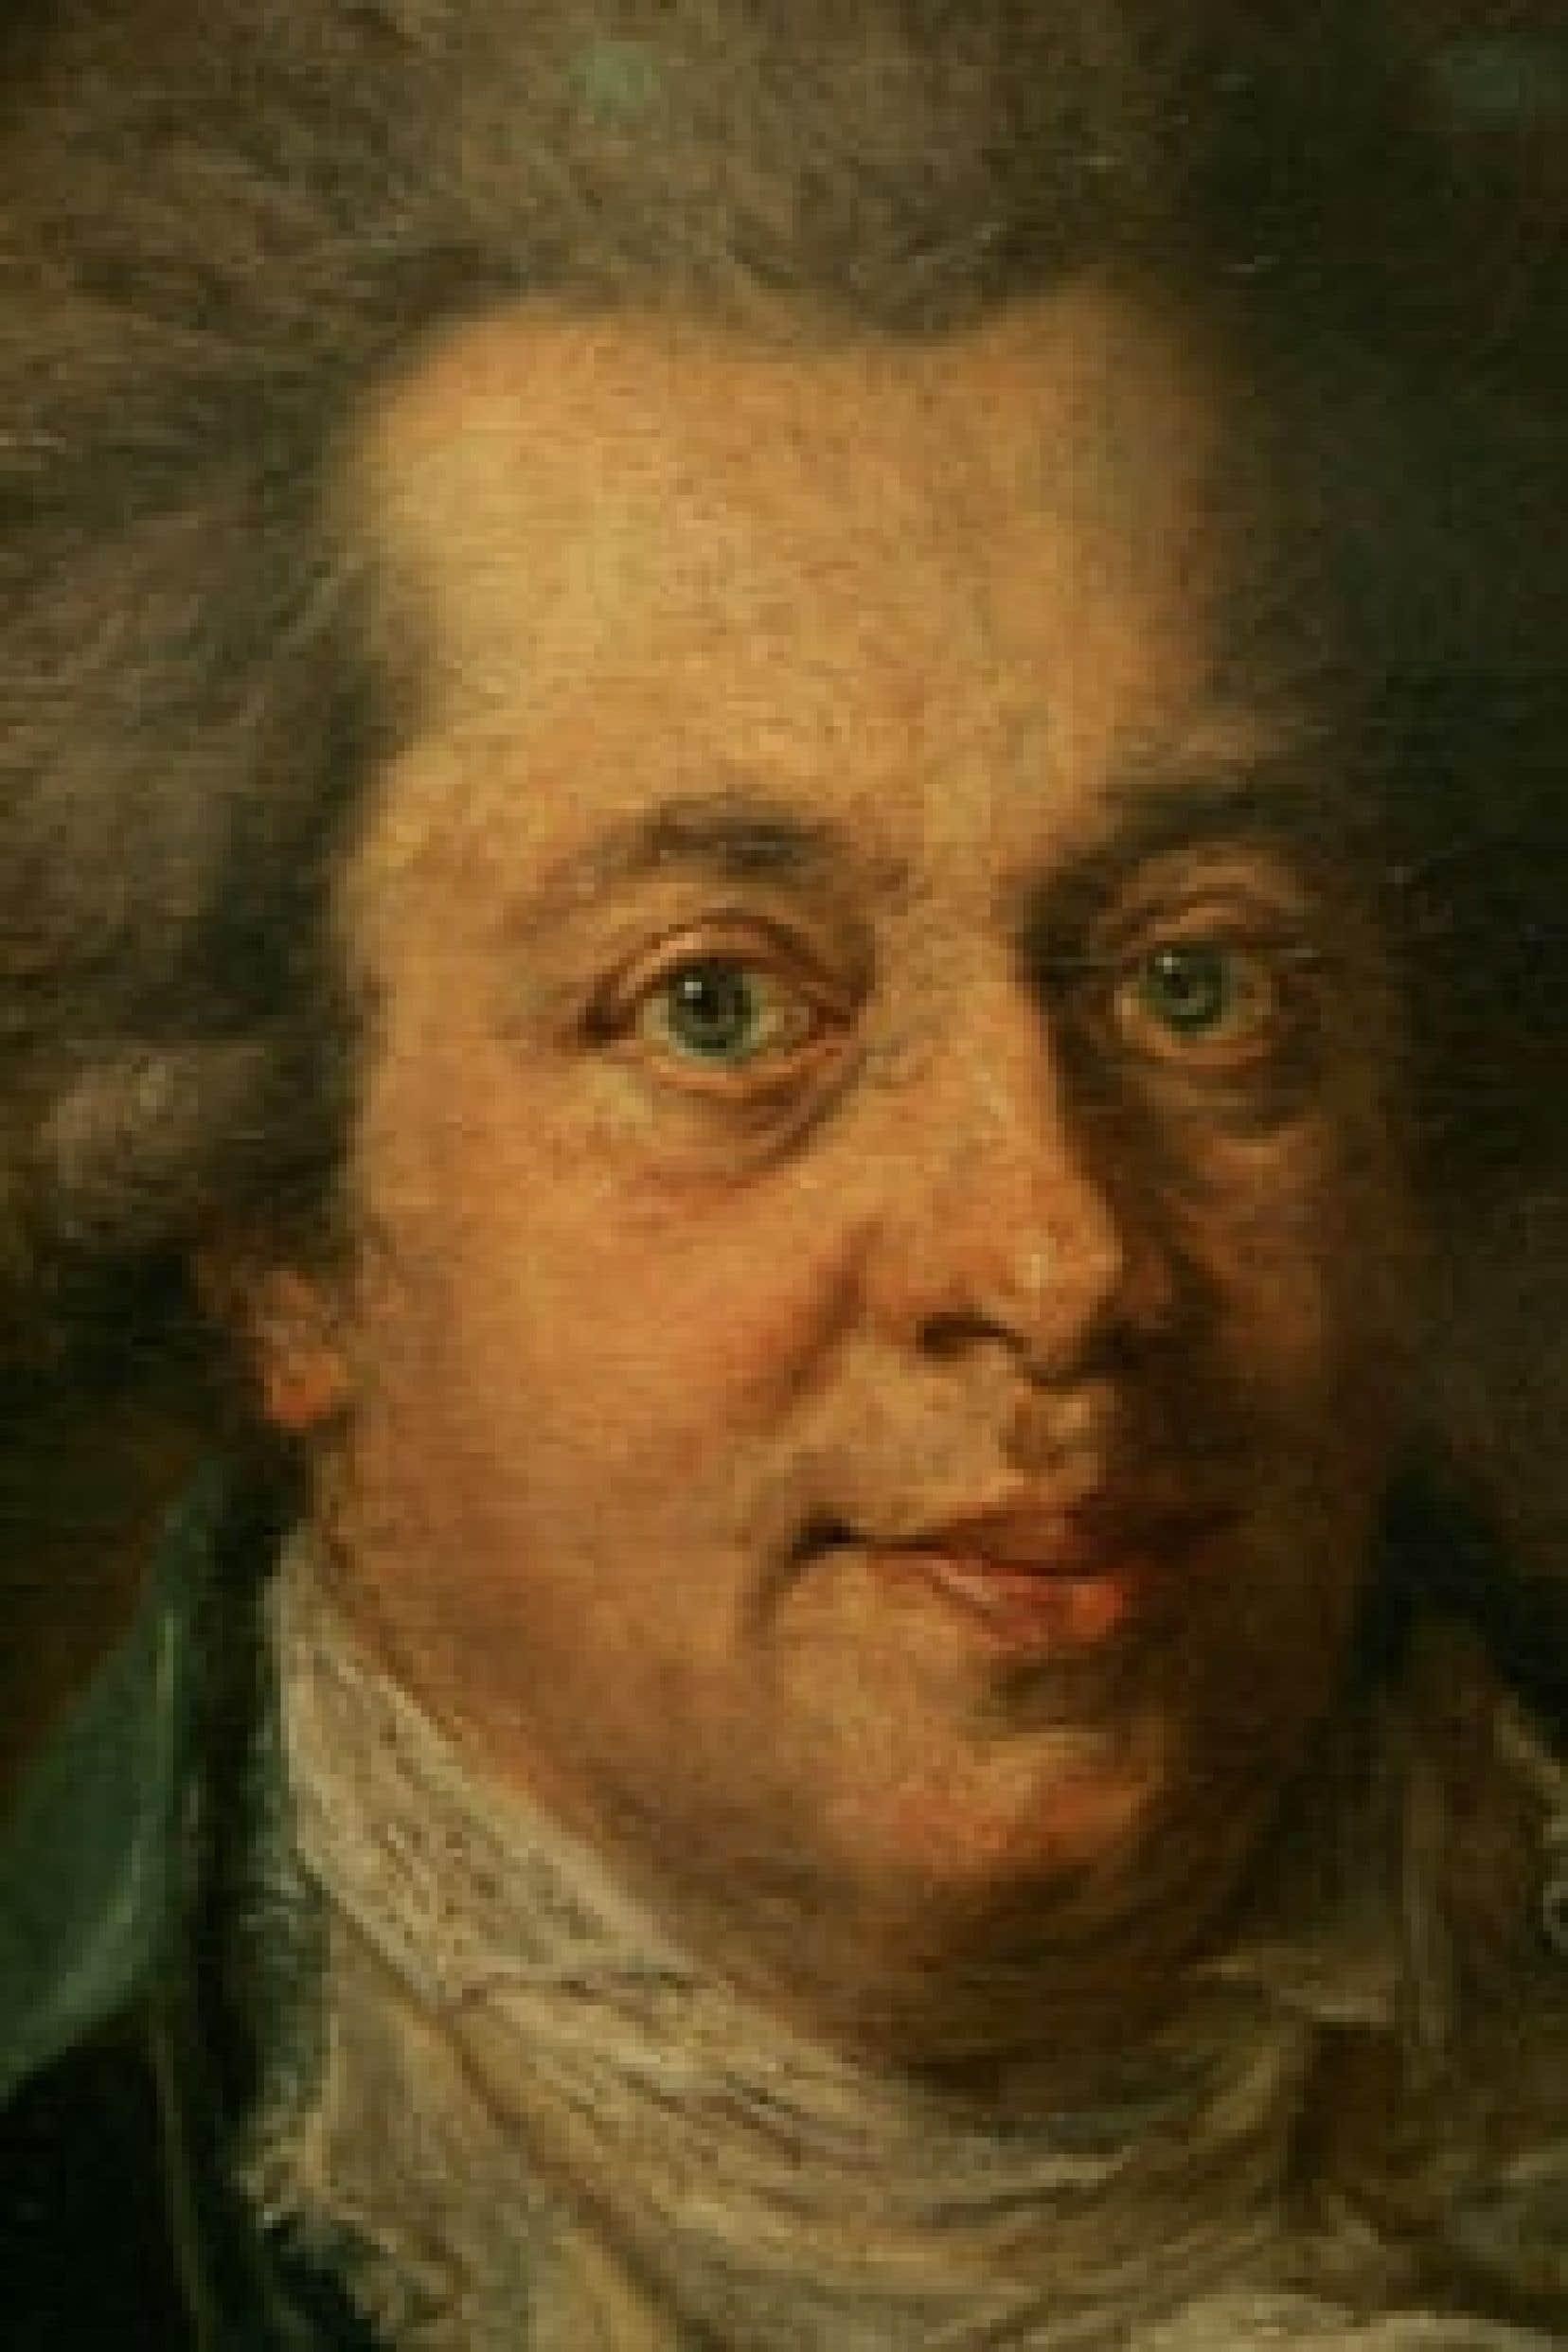 La légende veut que ce soit le fossoyeur du cimetière, bien au fait de l'endroit où reposait Mozart, qui aurait retiré en secret le crâne du compositeur, immortalisé ici par le peintre allemand Johann Edlinger.